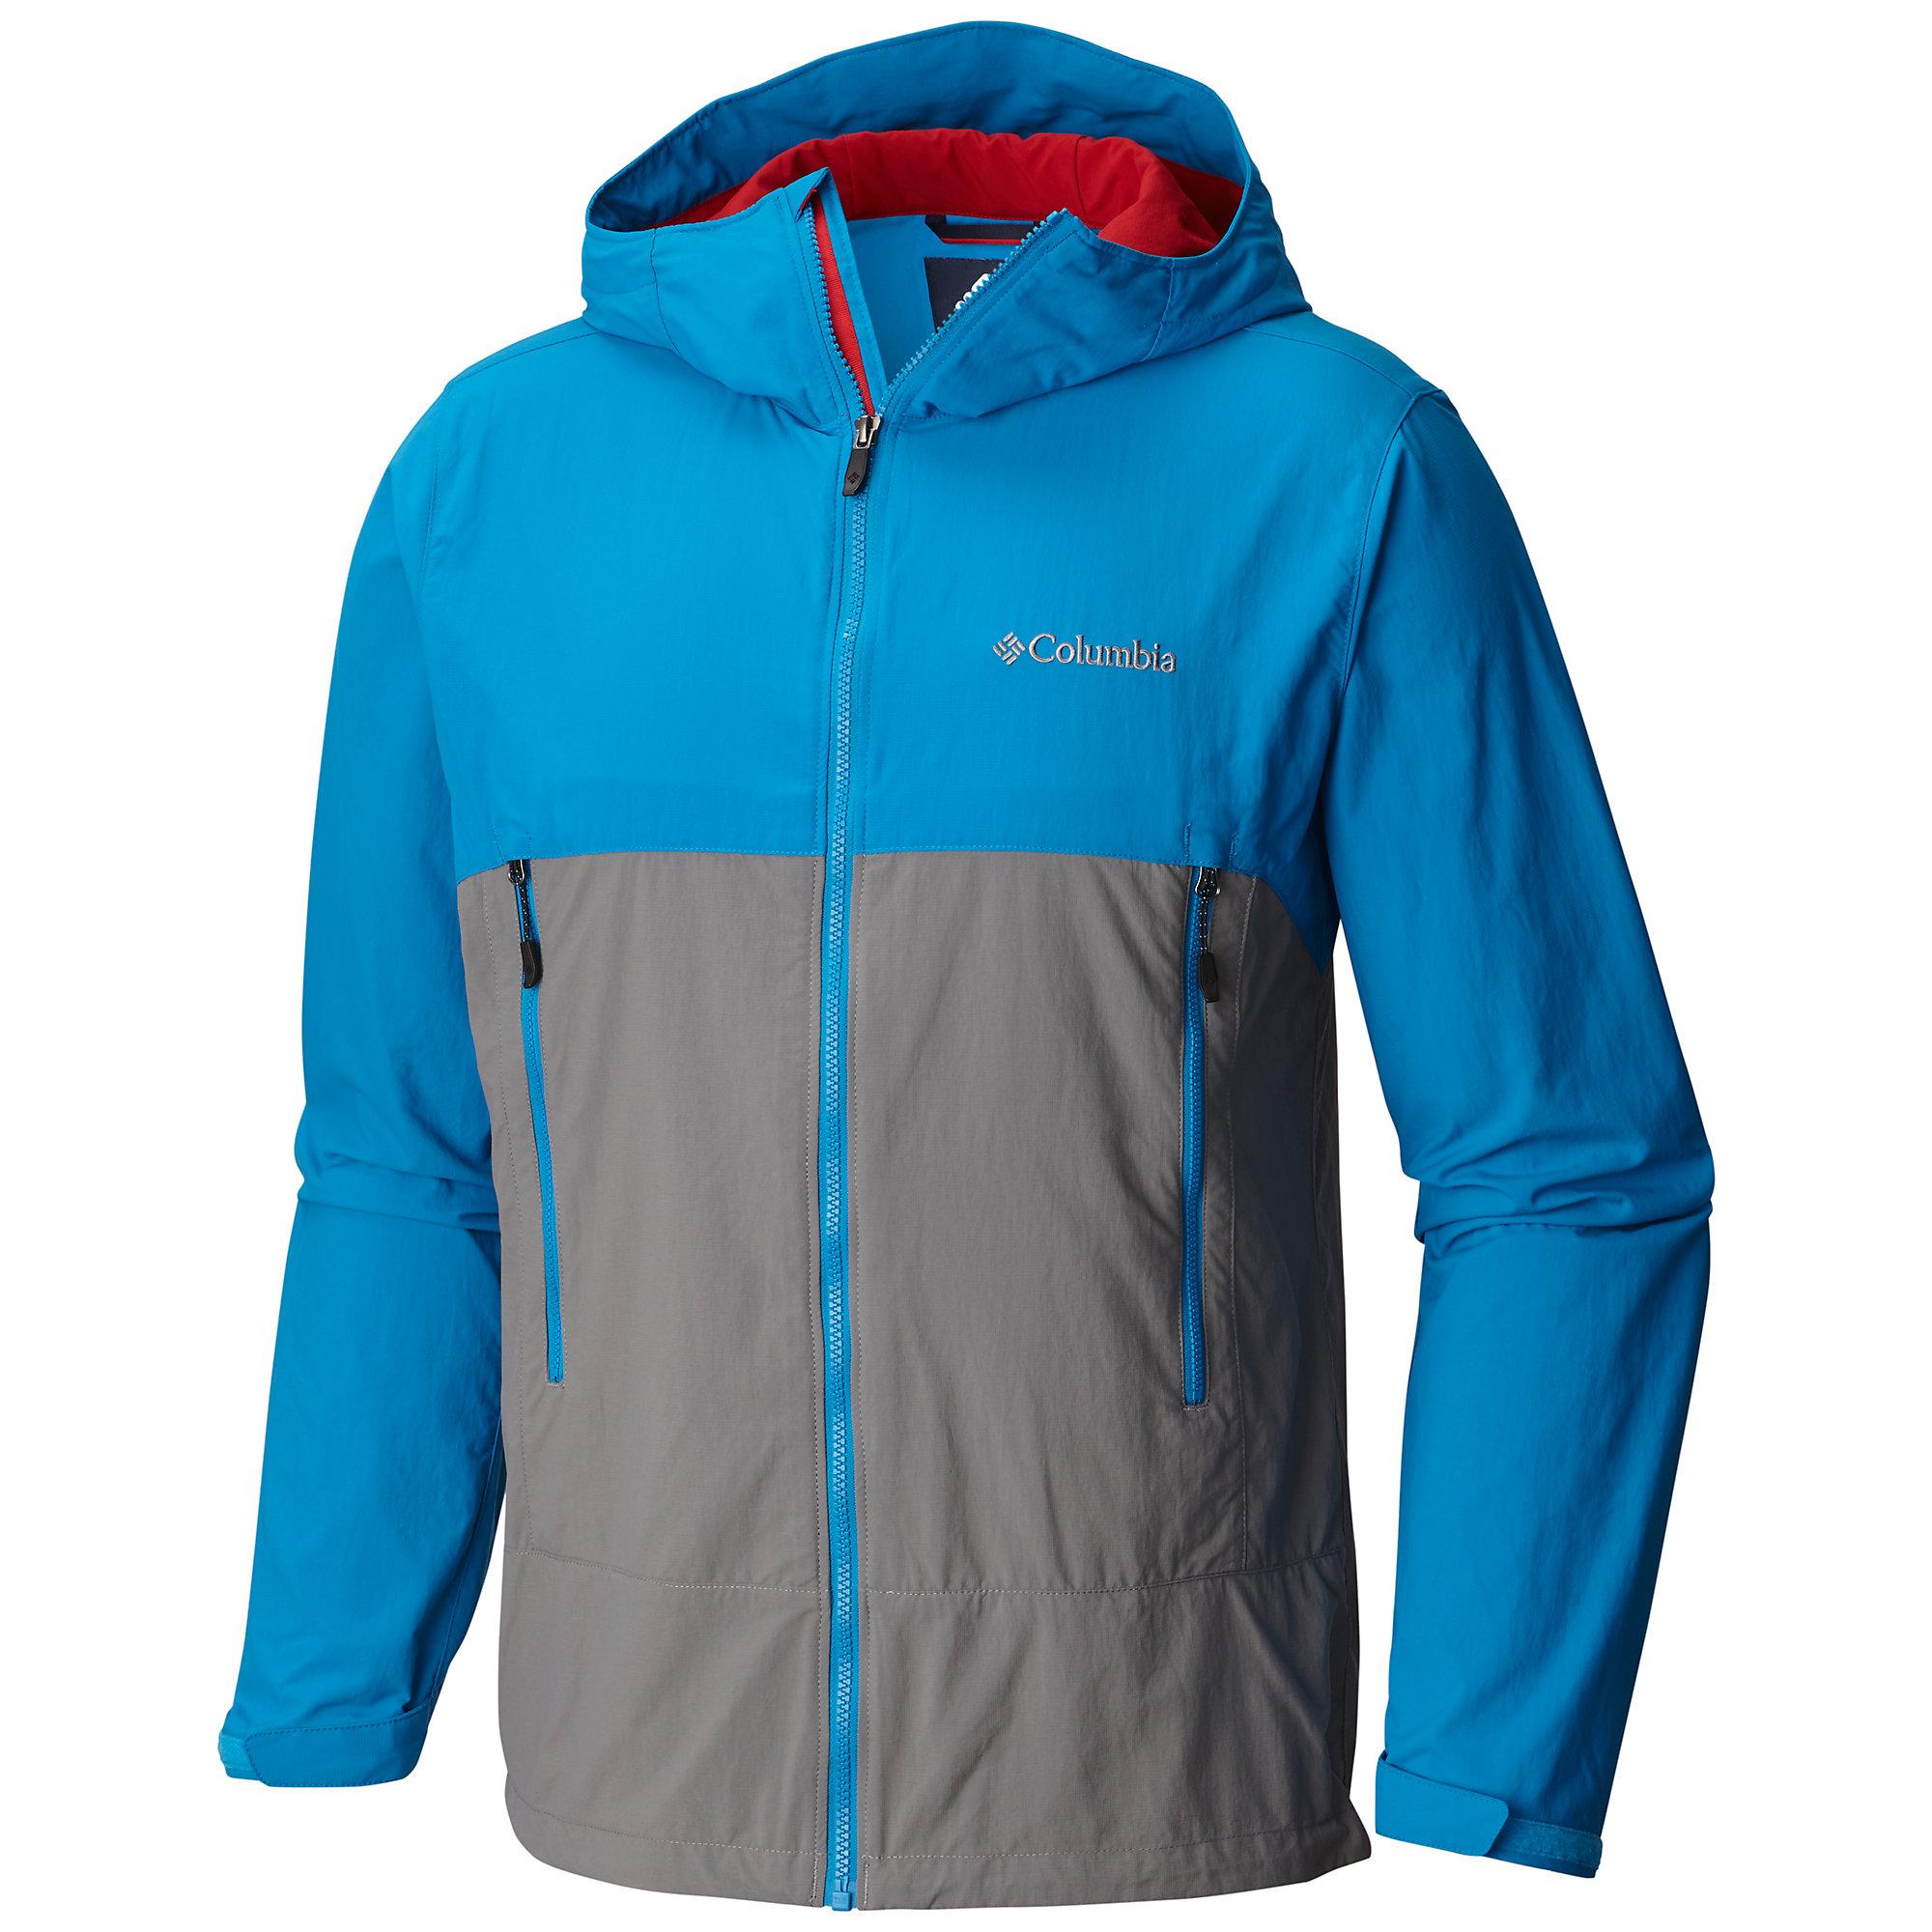 Columbia Frocks Jacket